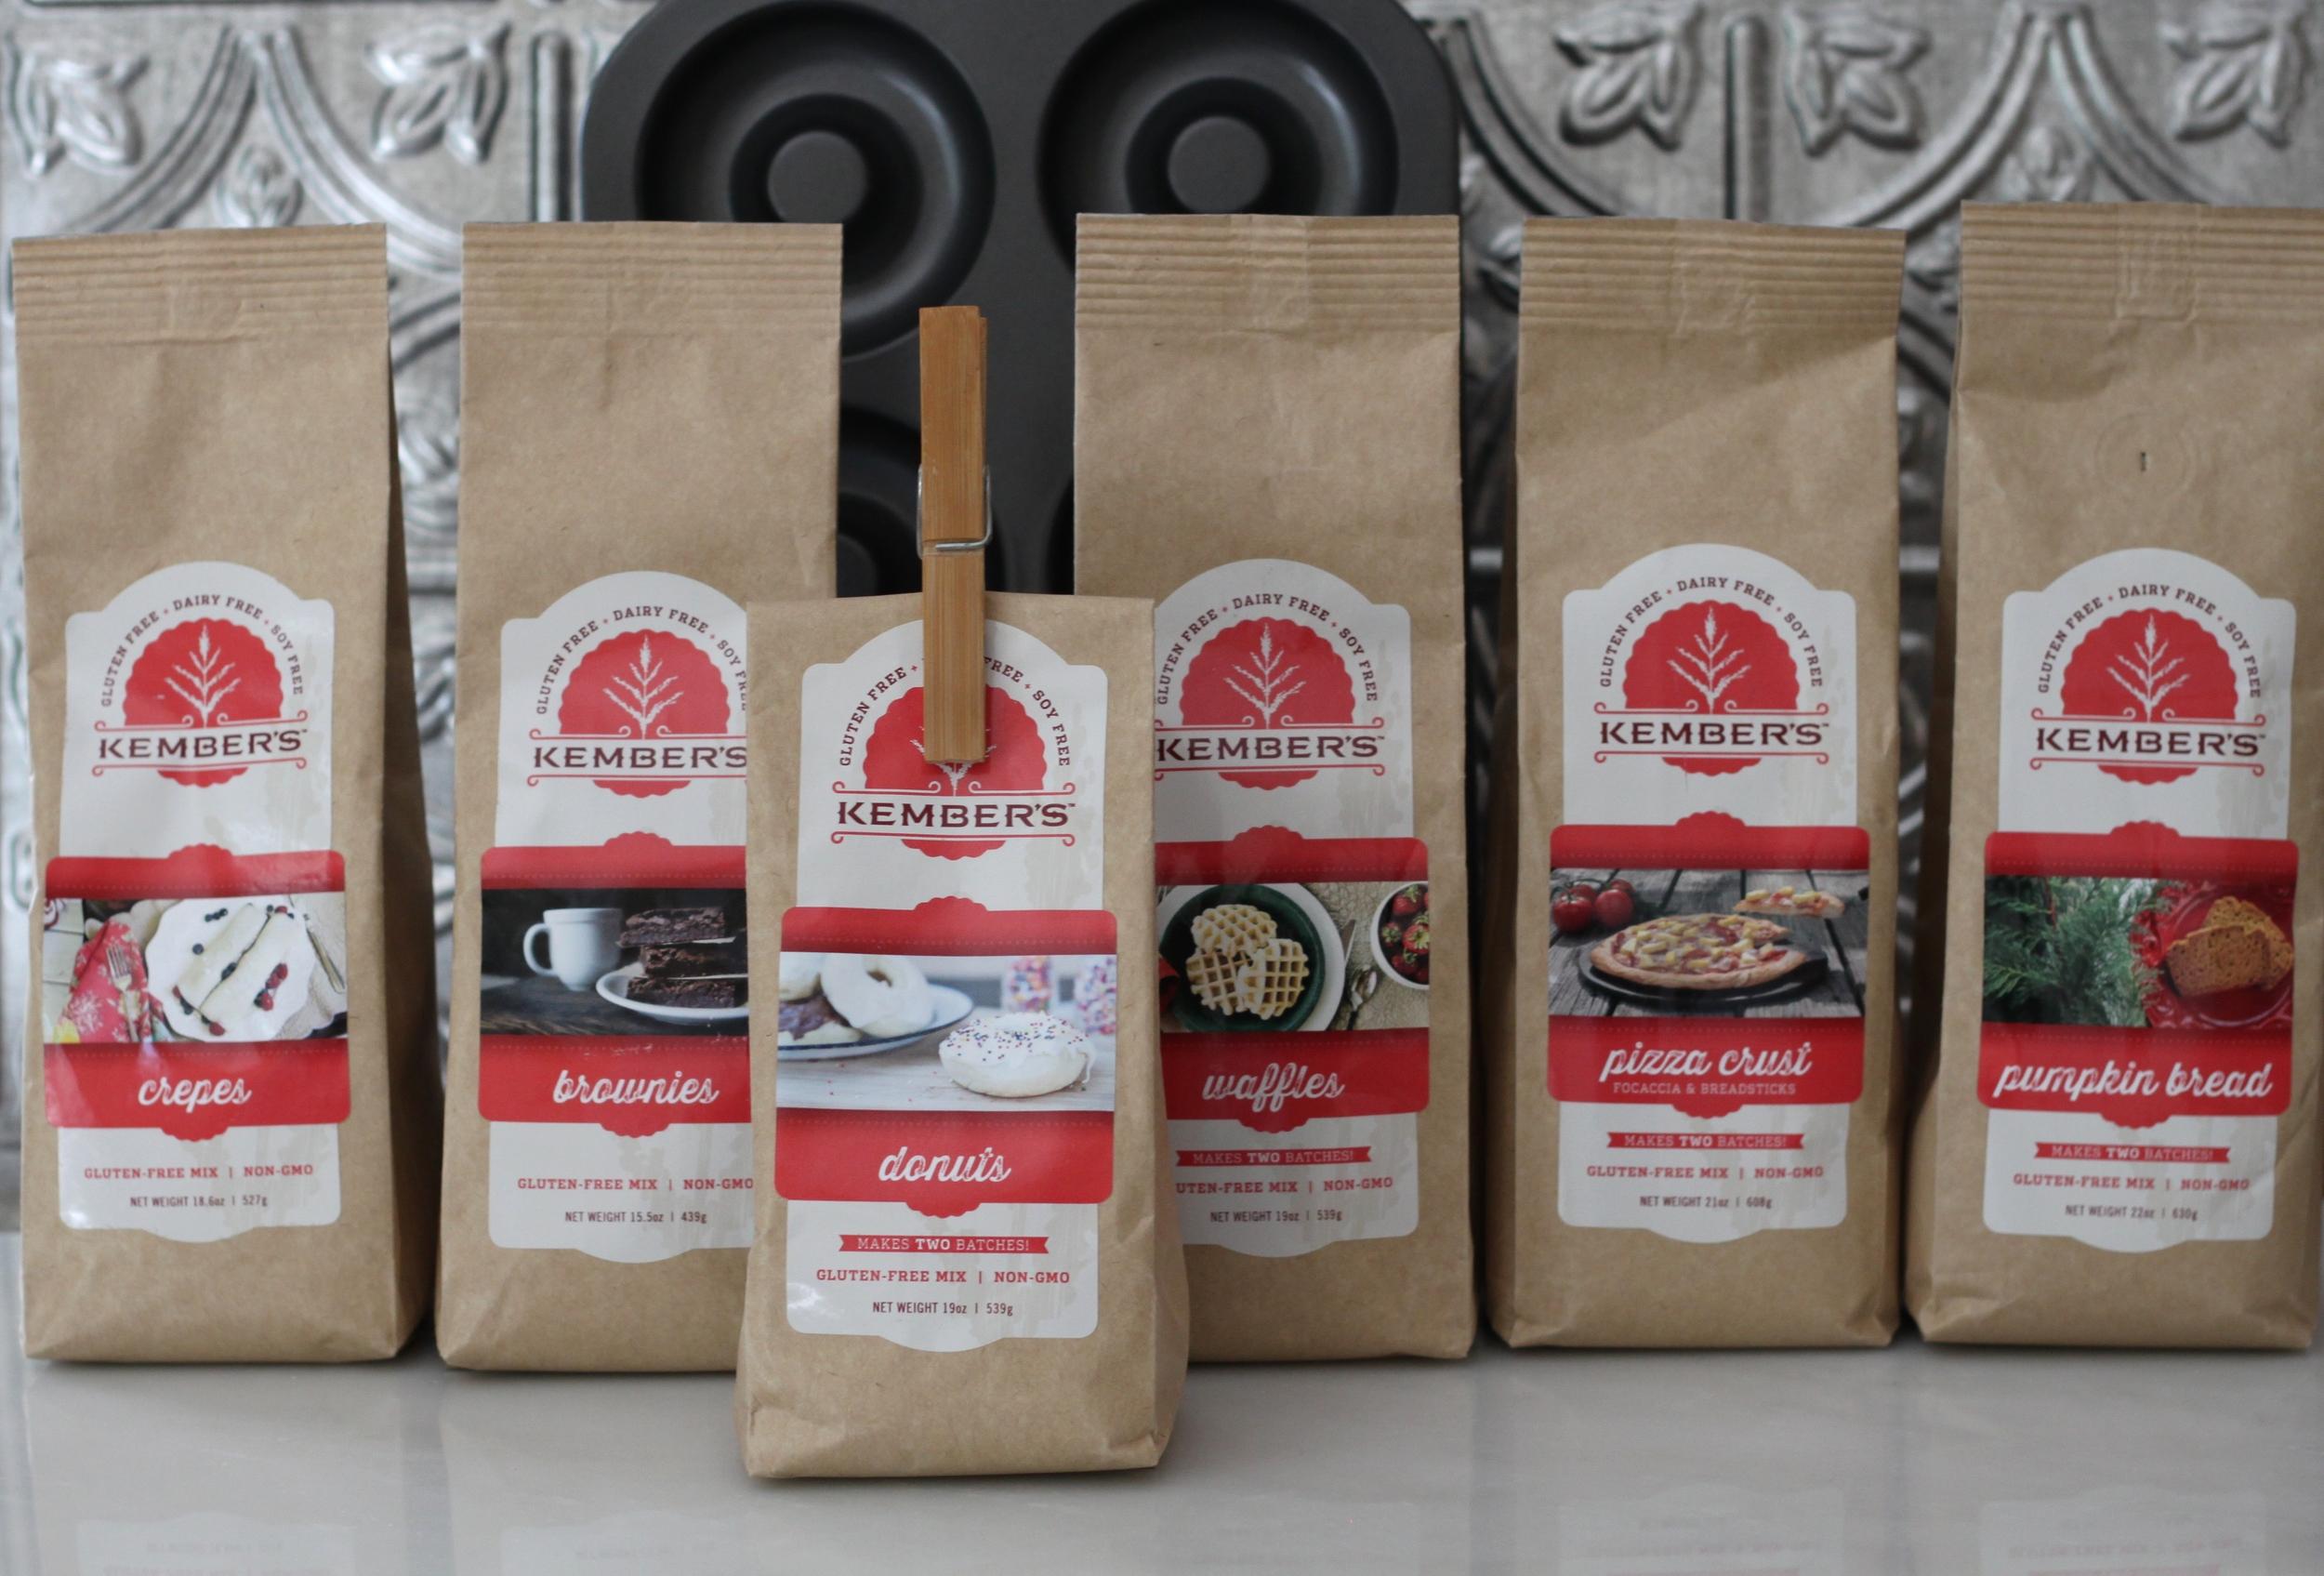 Kember's Gluten-Free Baking Mixes